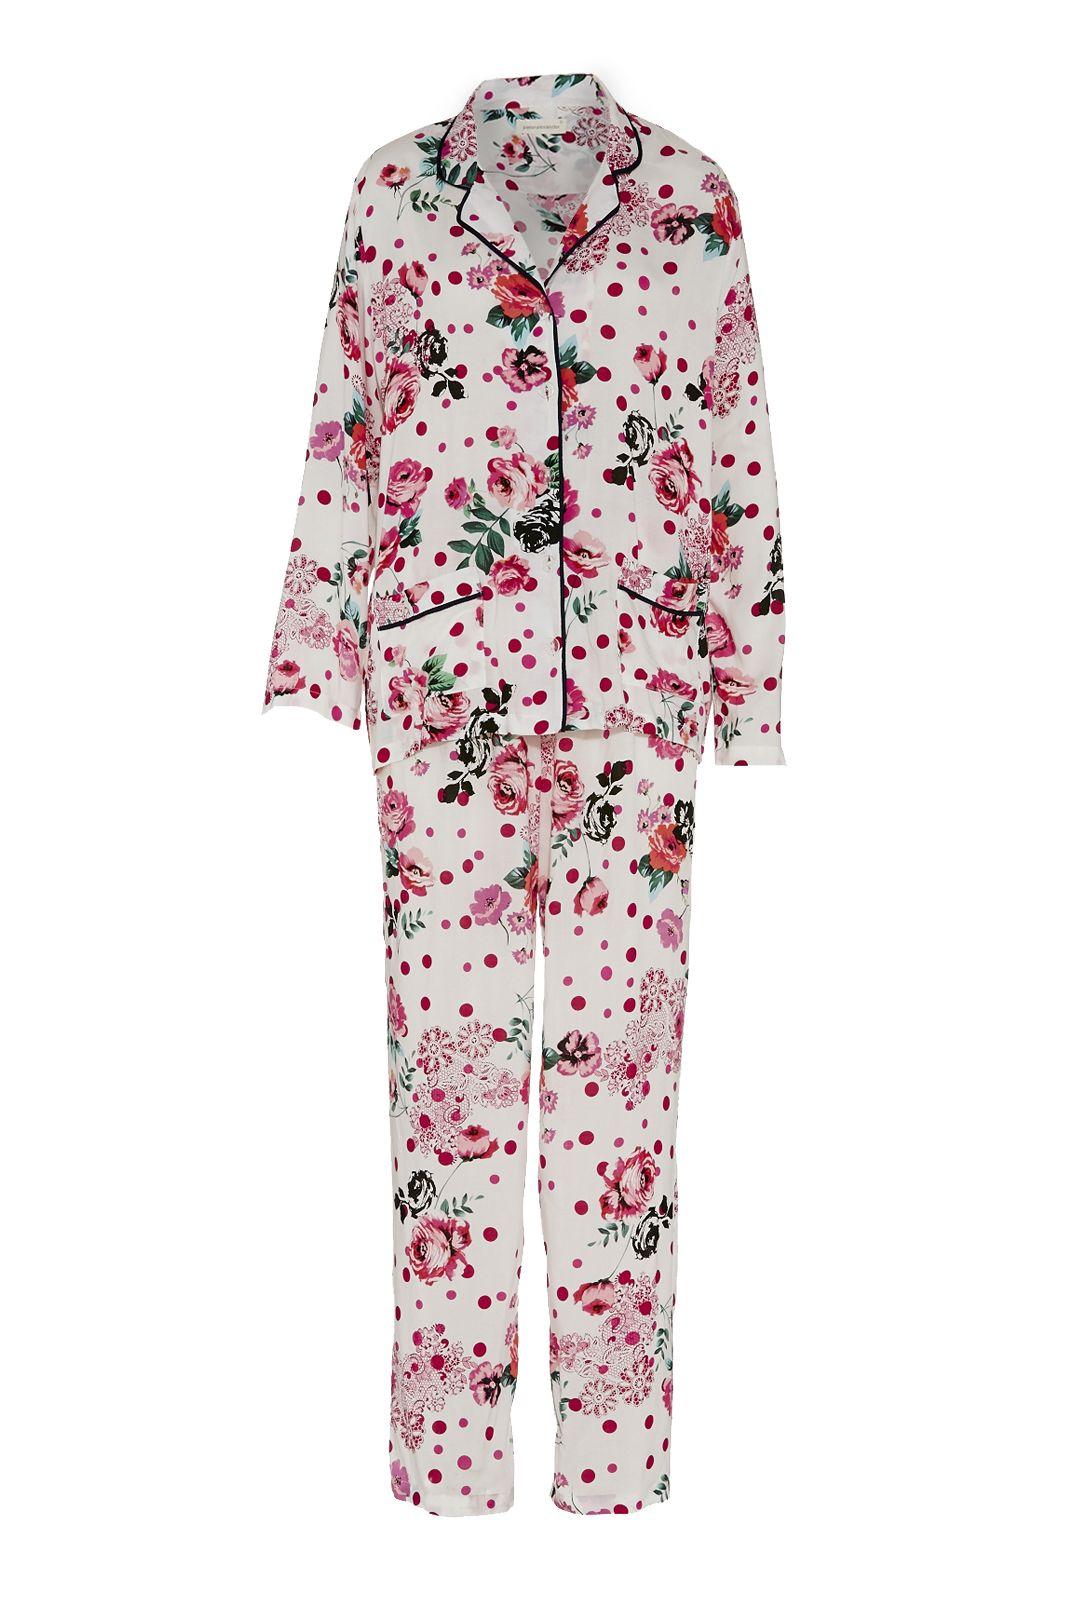 ee9155c24 Spotty Rose Pj Set | Peter Alexander | Clothing + More | Sleepwear ...